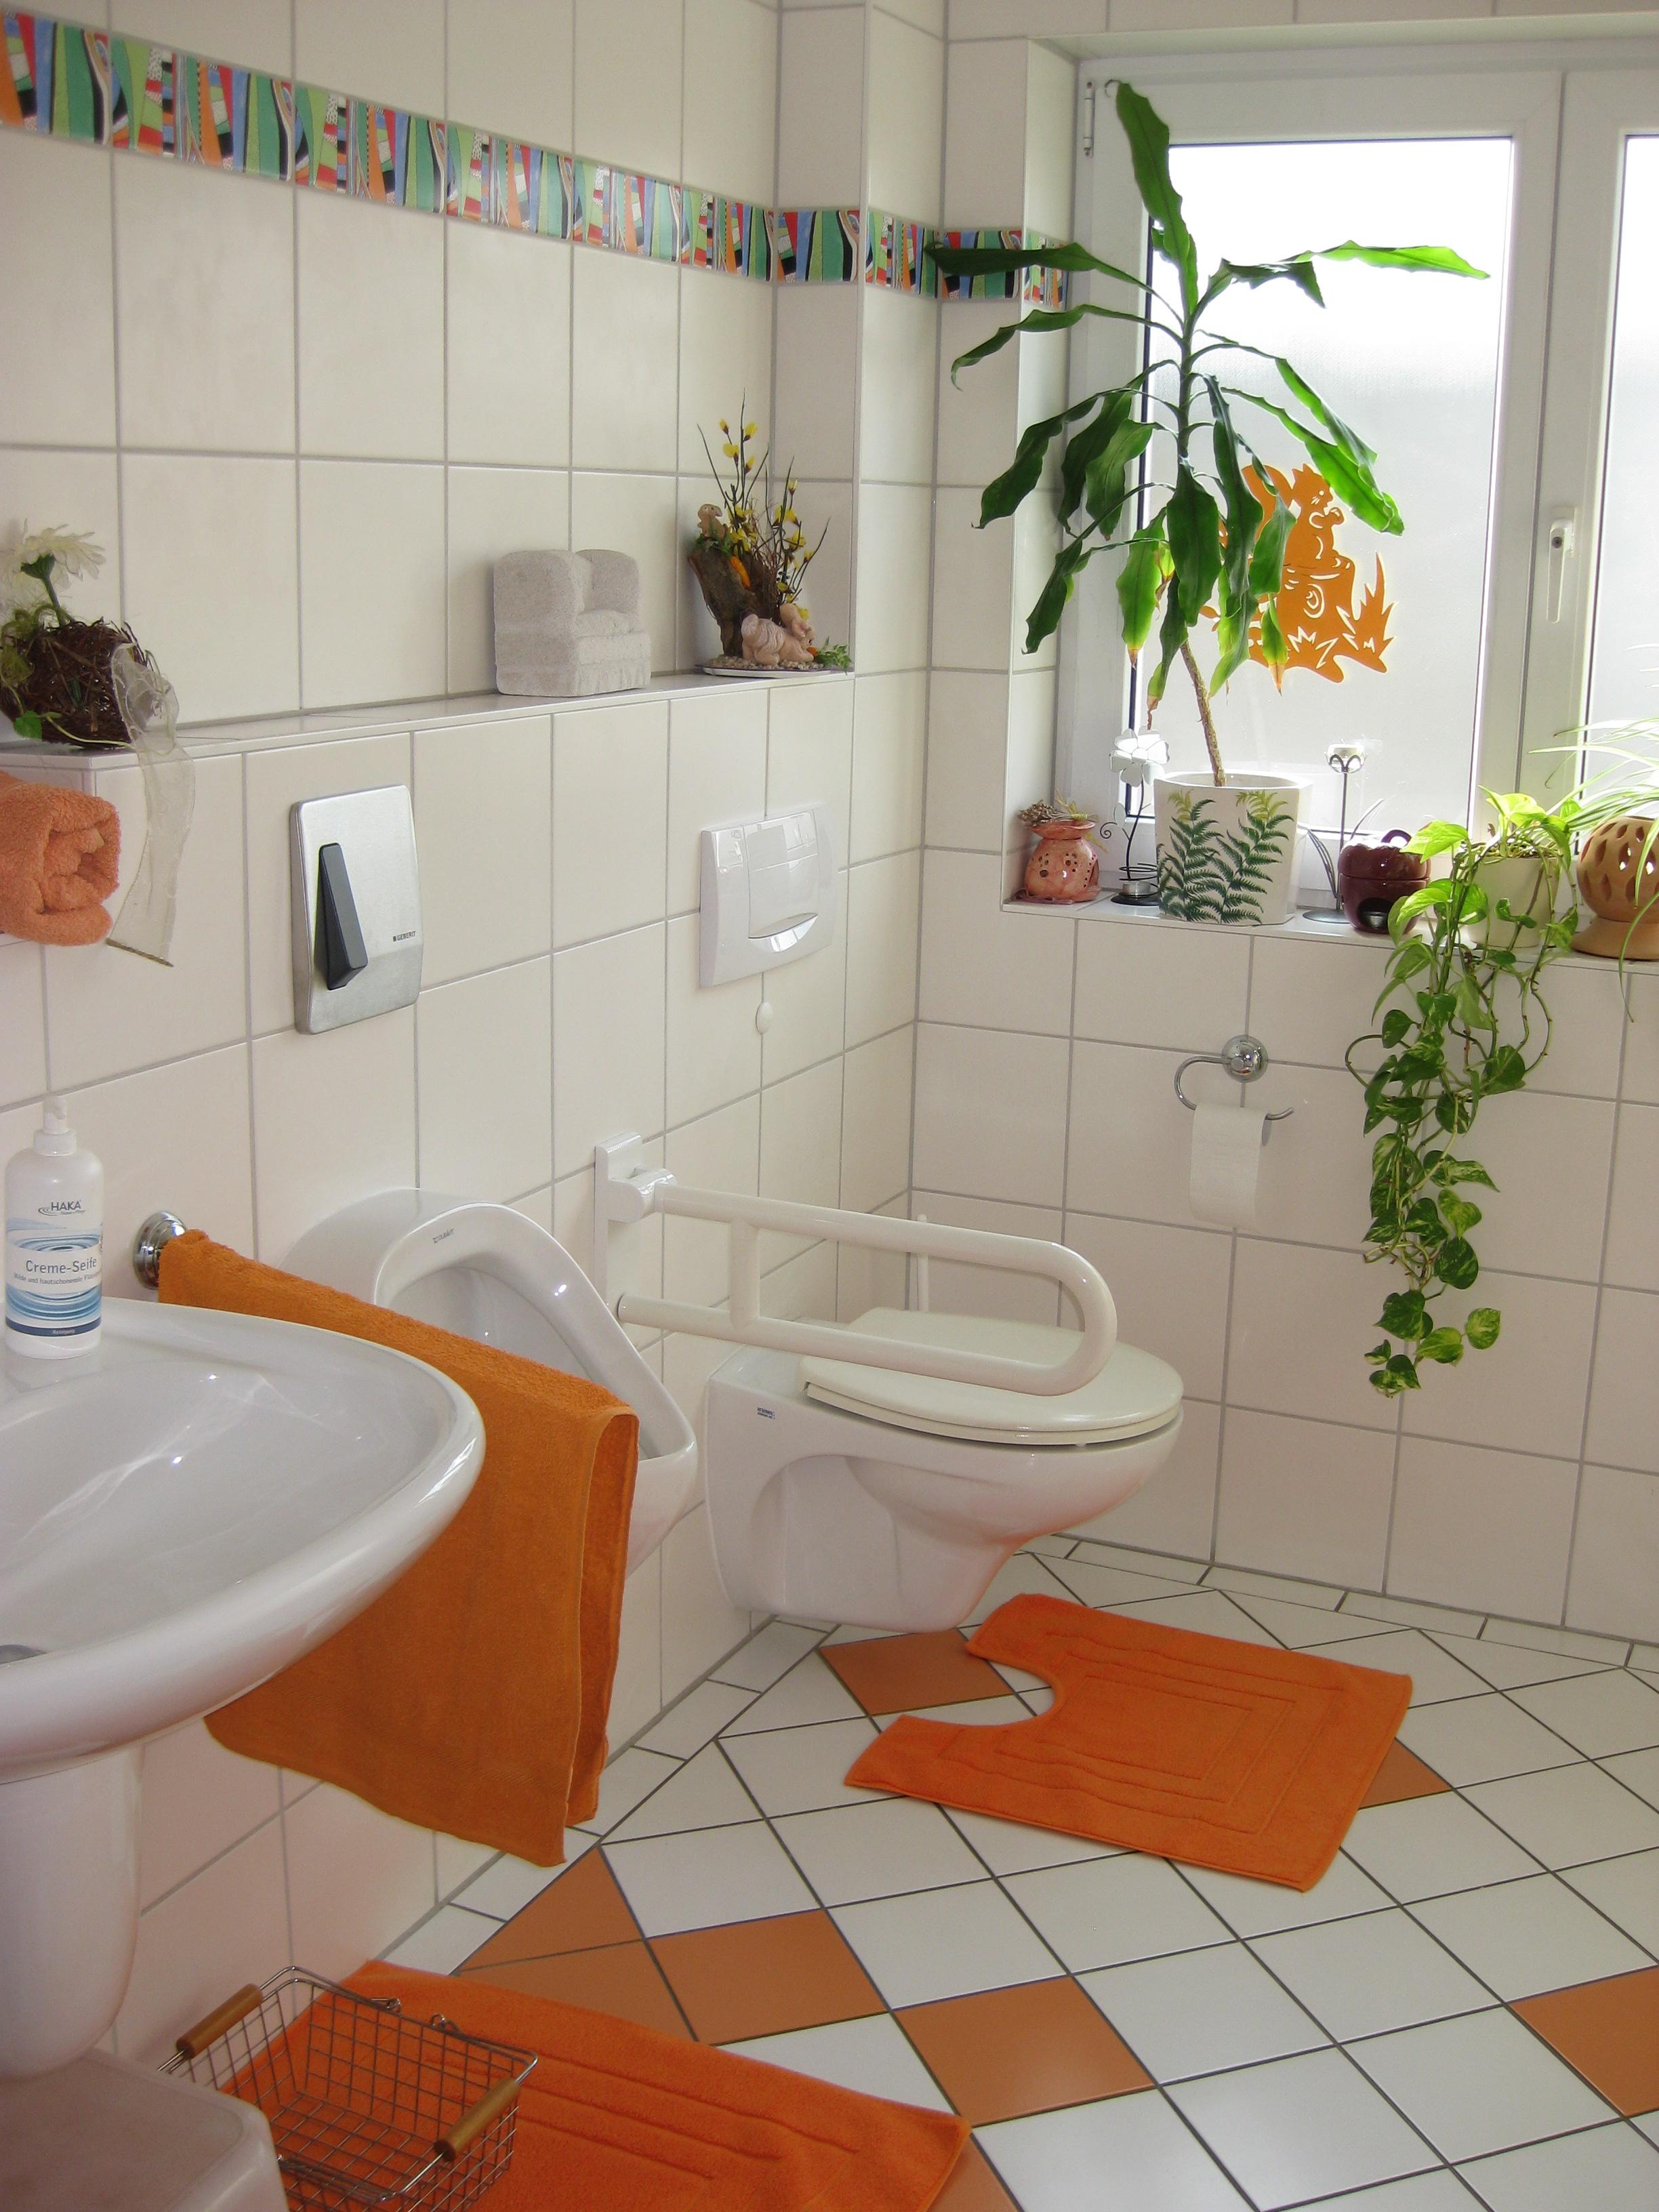 7.Die Toilette ist ge-